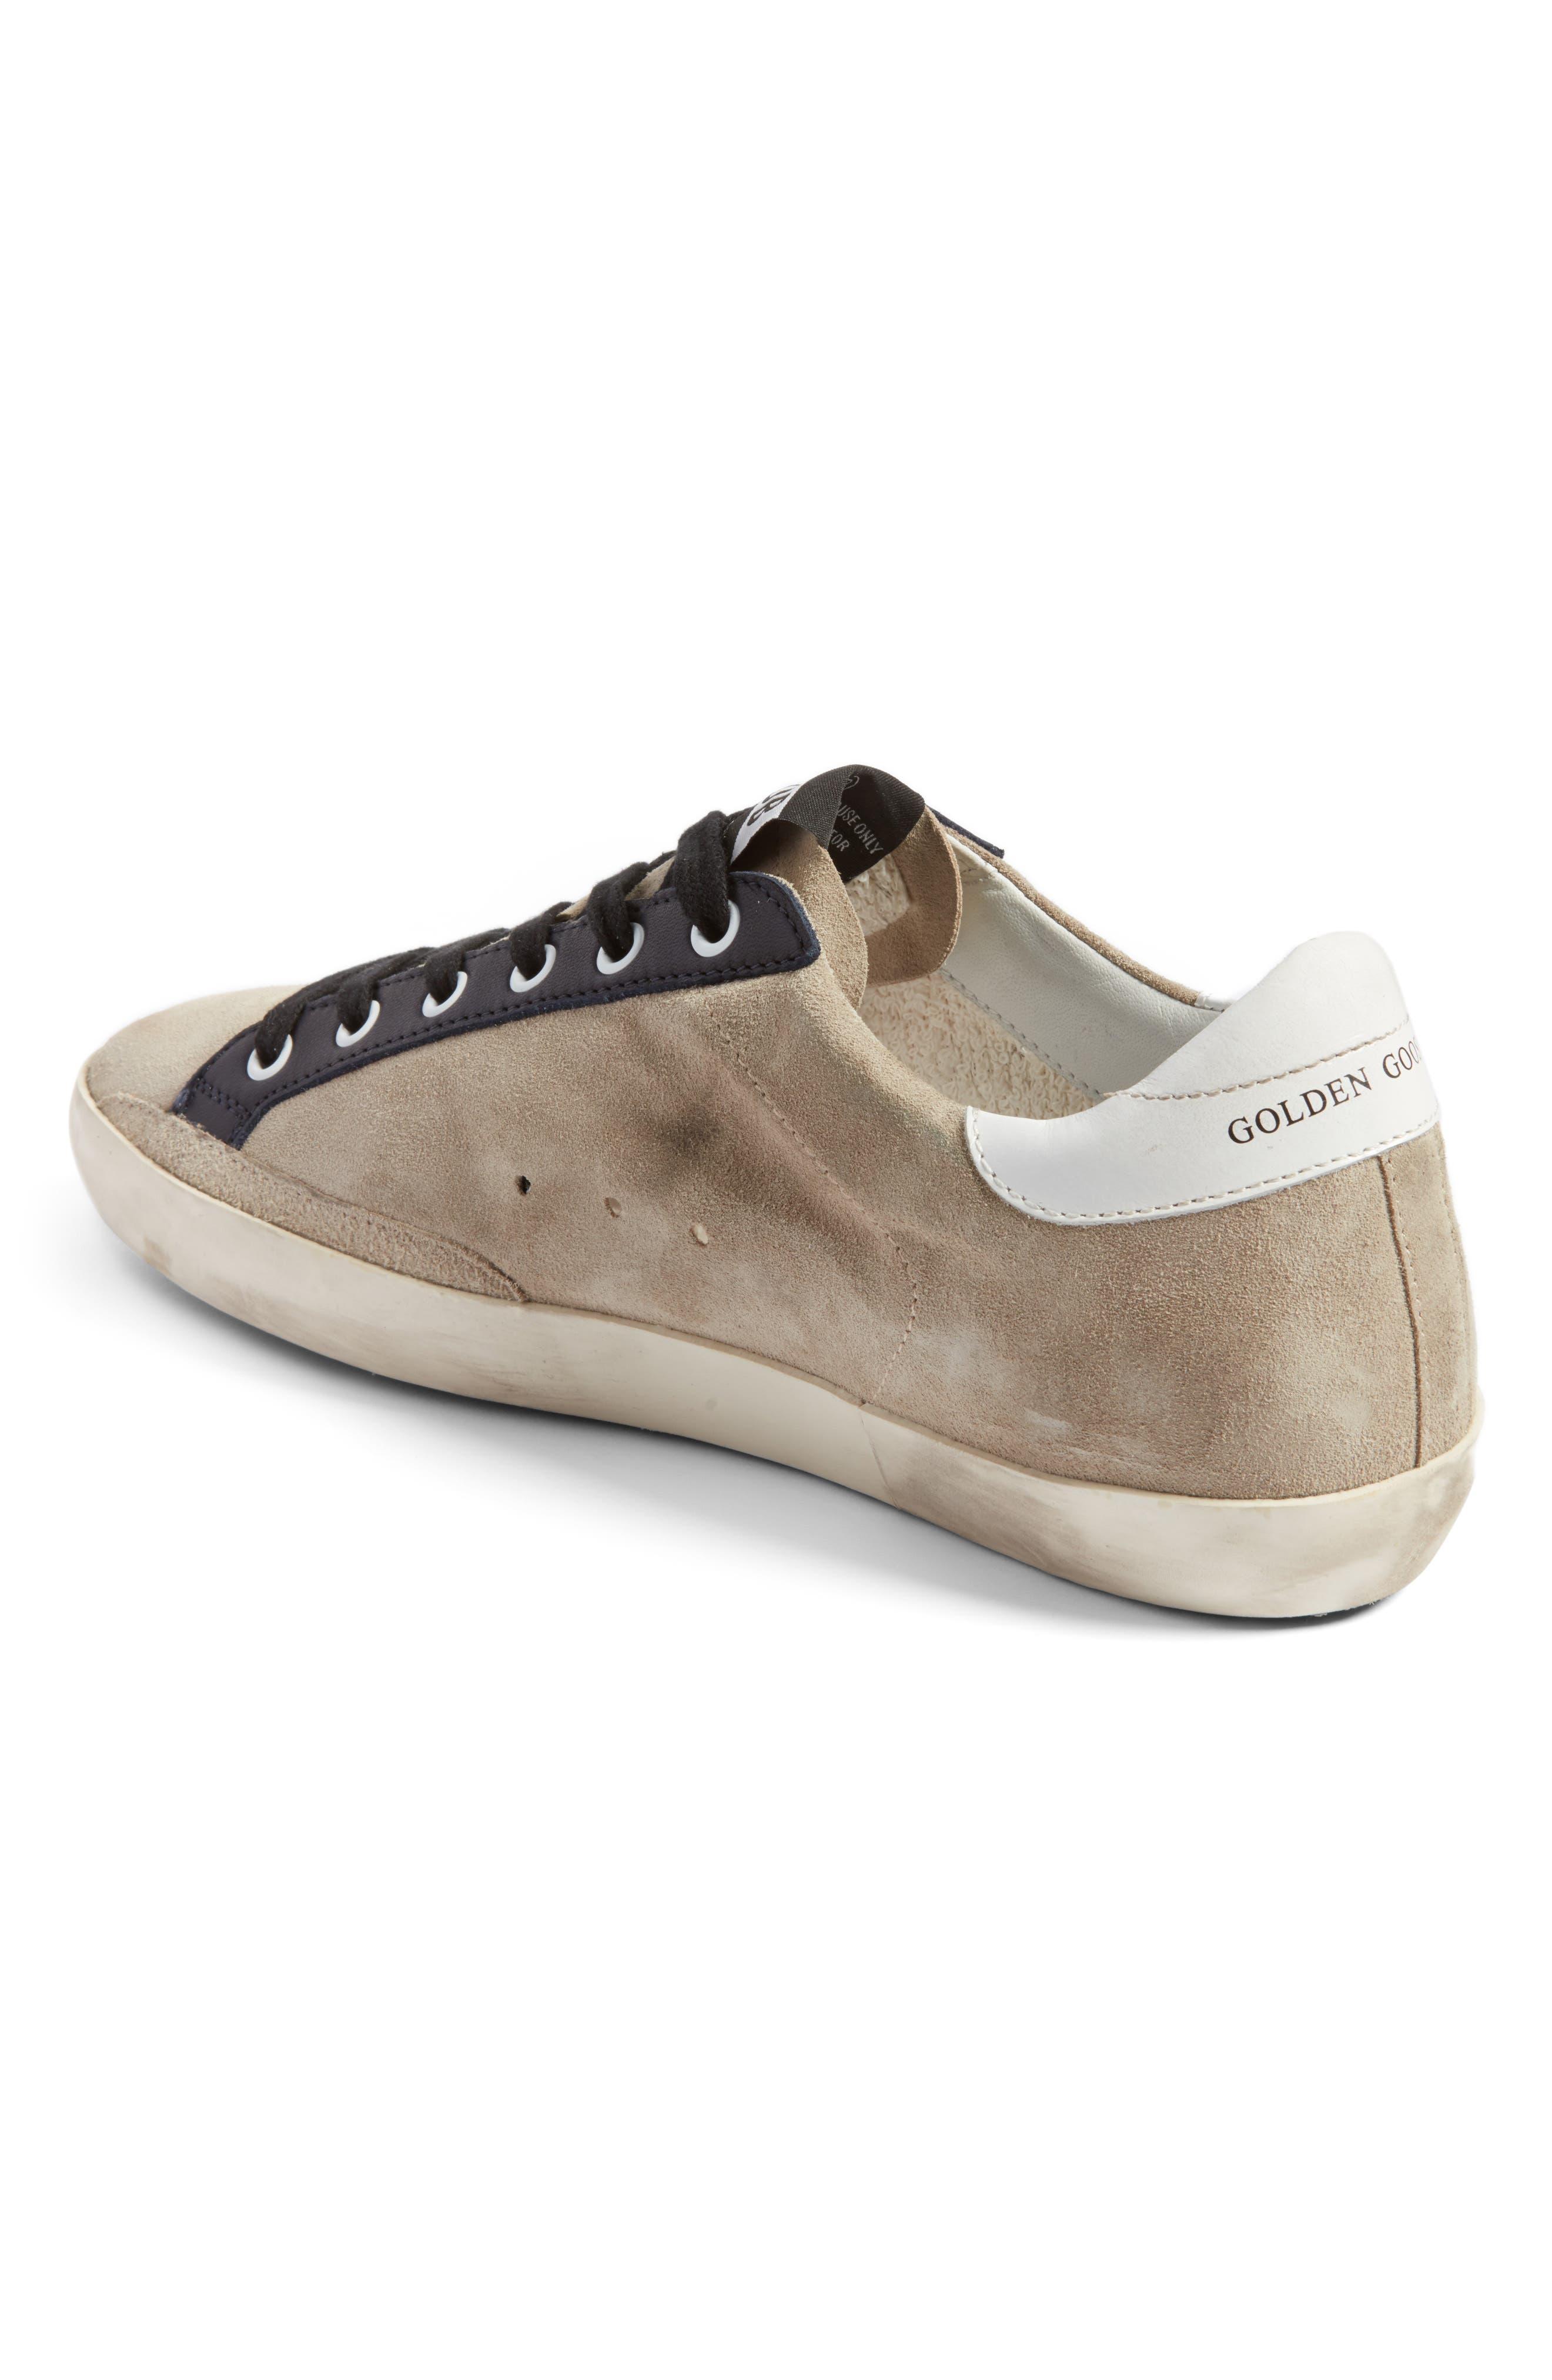 Superstar Sneaker,                             Alternate thumbnail 2, color,                             250